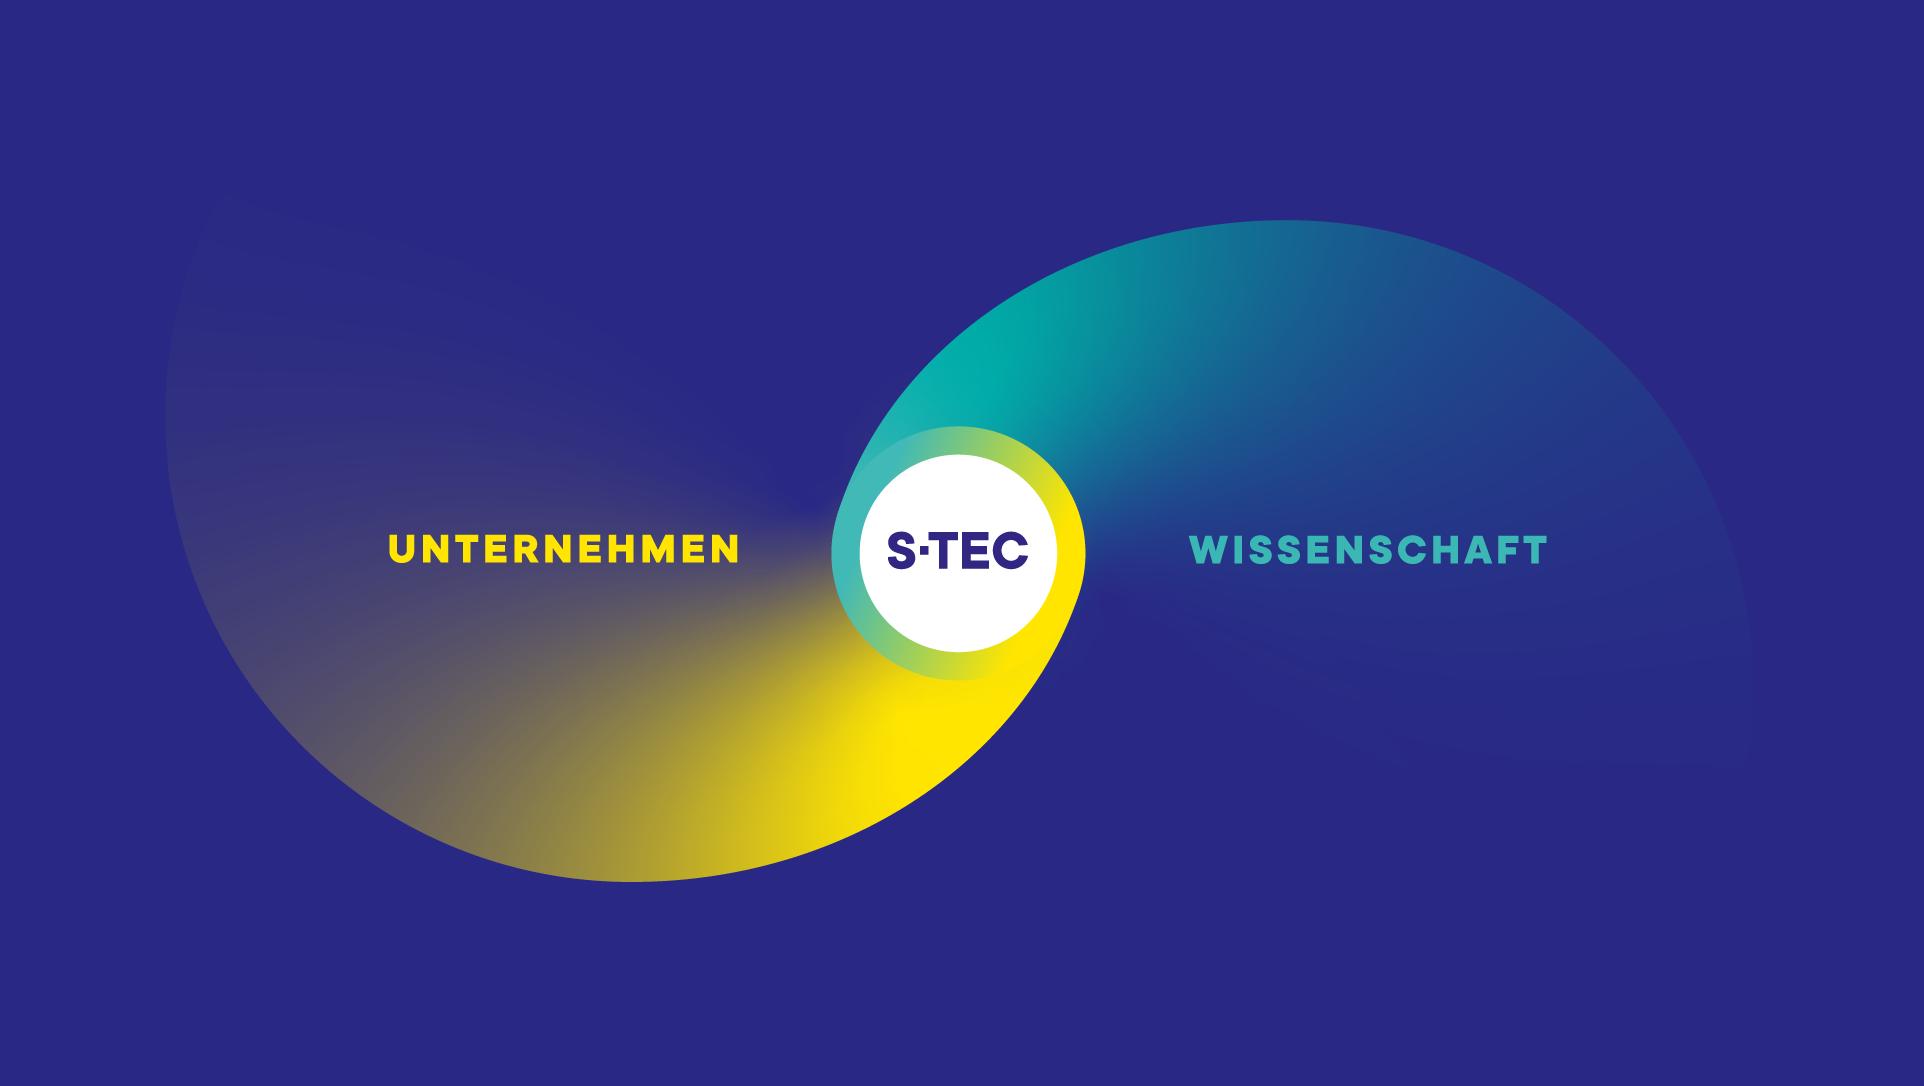 In S-TEC arbeiten Unternehmen und Wissenschaft zusammen, um gemeinsam Innovationen voranzutreiben